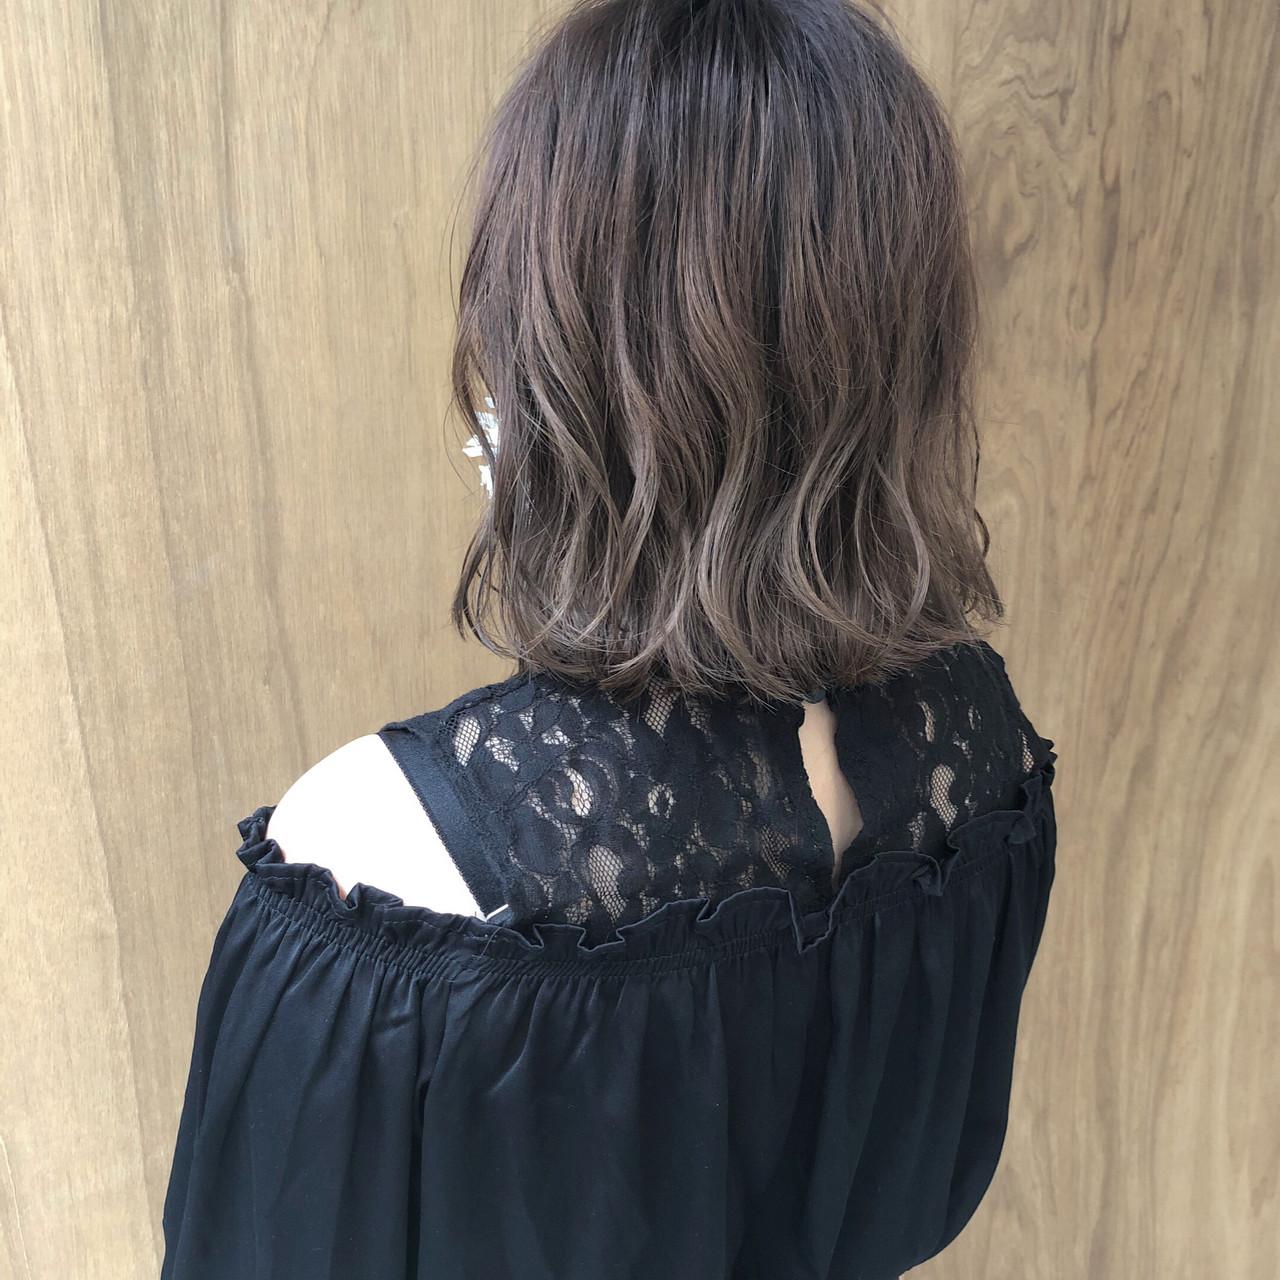 ボブ ショートボブ ショートヘア インナーカラー ヘアスタイルや髪型の写真・画像 | 松井勇樹 / TWiGGY  歩行町店